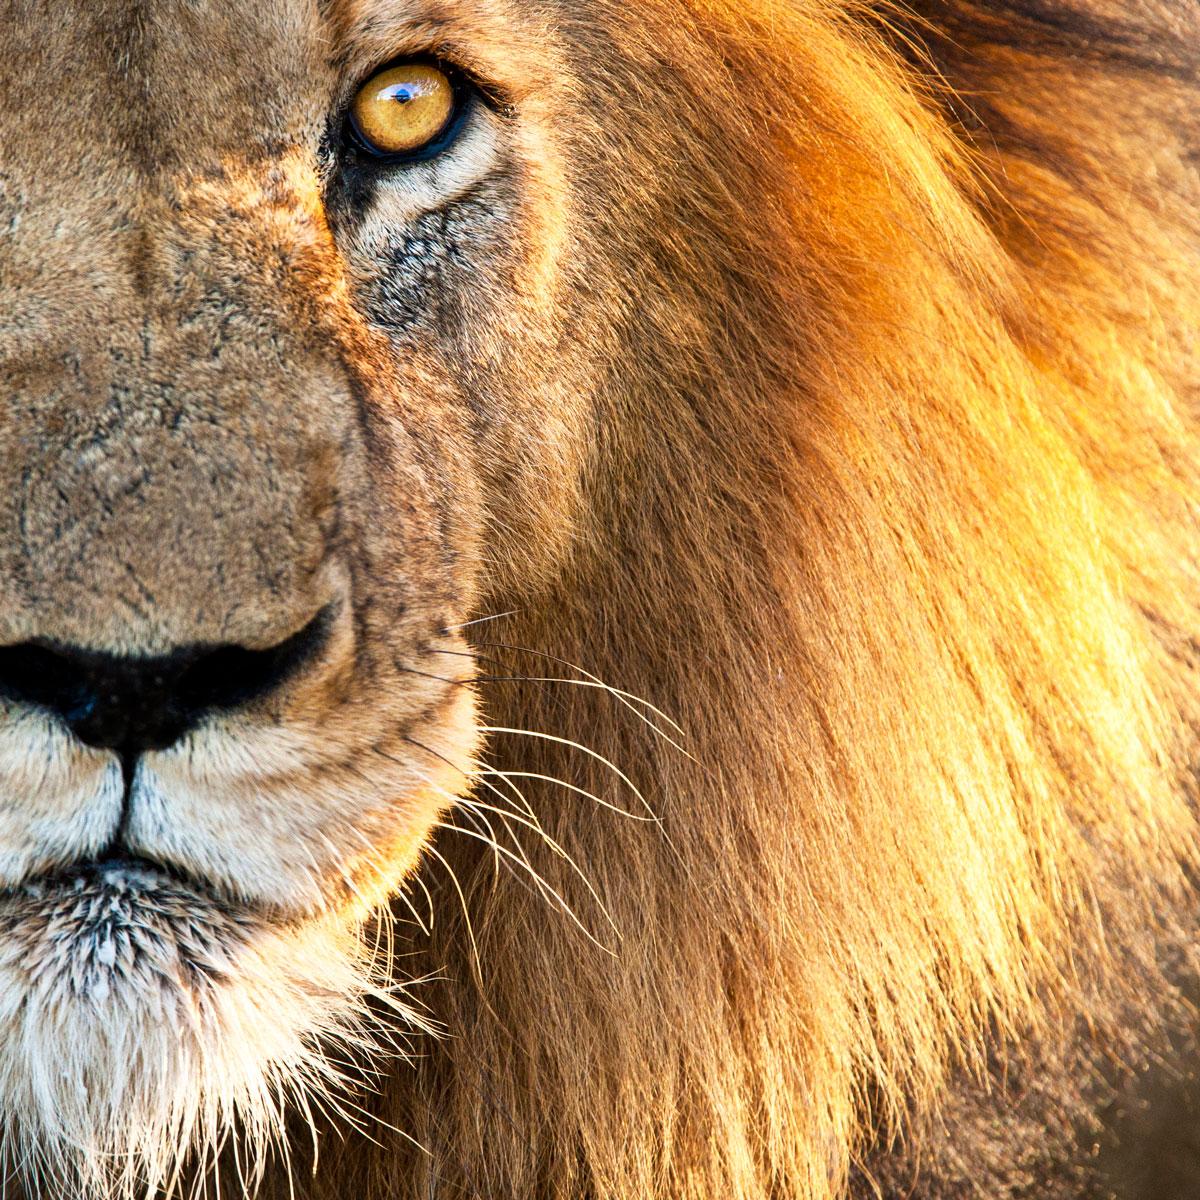 Gros plan sur le visage d'un lion au regard perçant